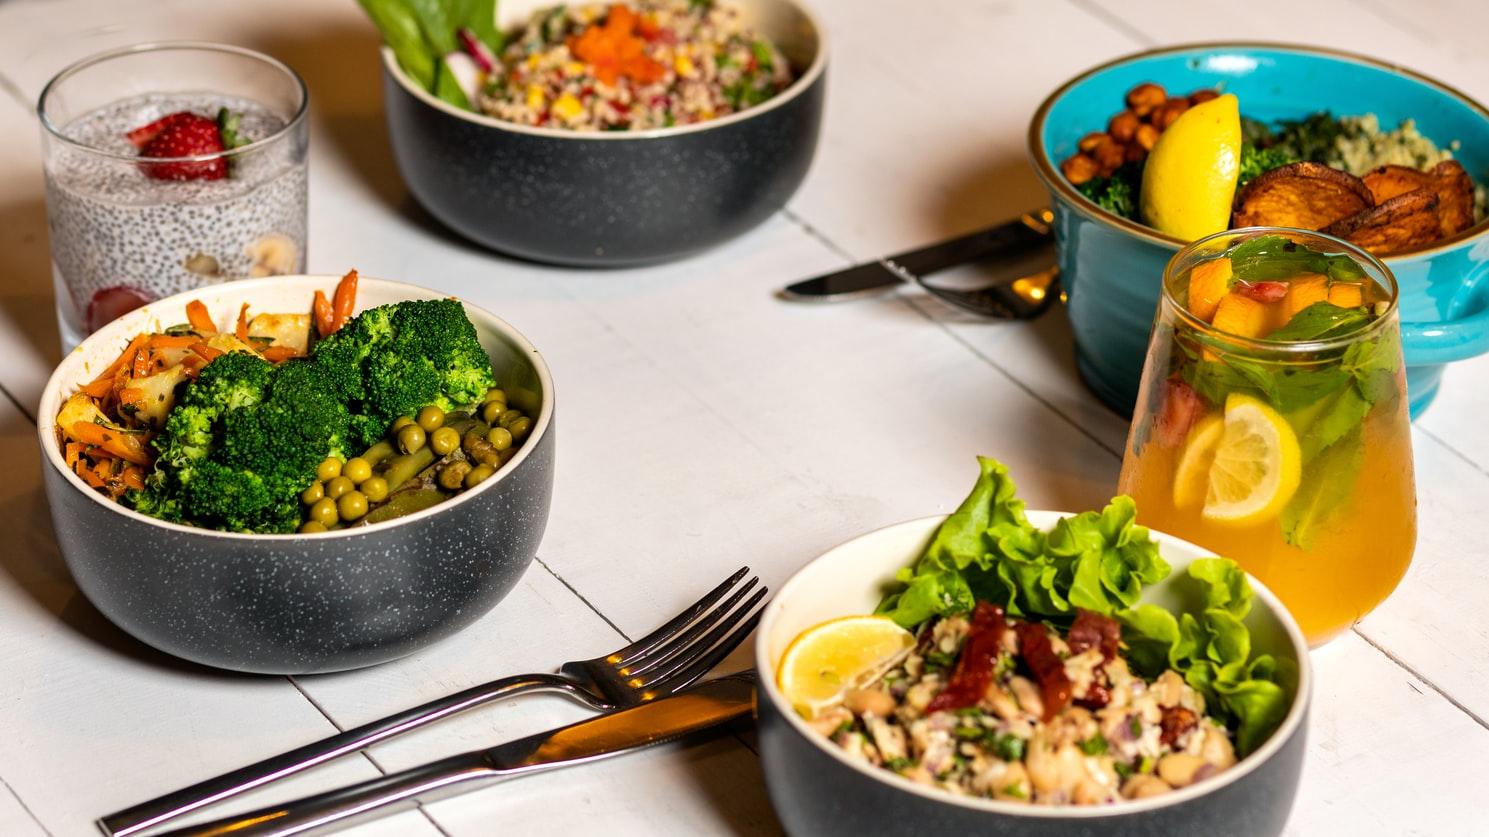 na stole stoją 4 miski ze zdrowym jedzeniem - brokuły, kasza, zielony groszek, sałata oraz sztućce i napoje